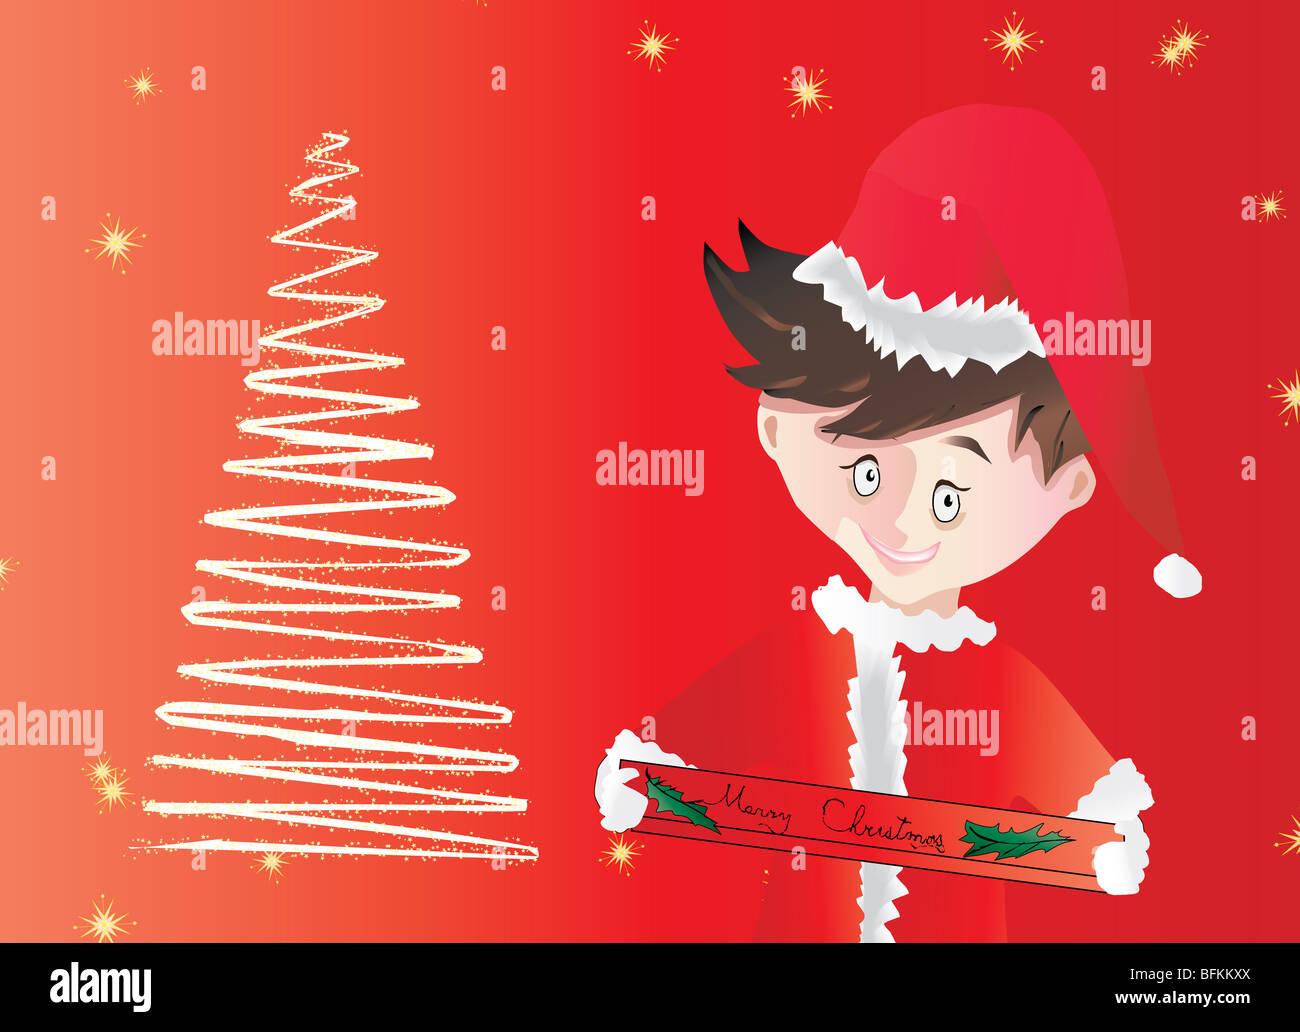 Weihnachtswünsche Jugendliche.Weihnachtswünsche Stockfotos Weihnachtswünsche Bilder Alamy